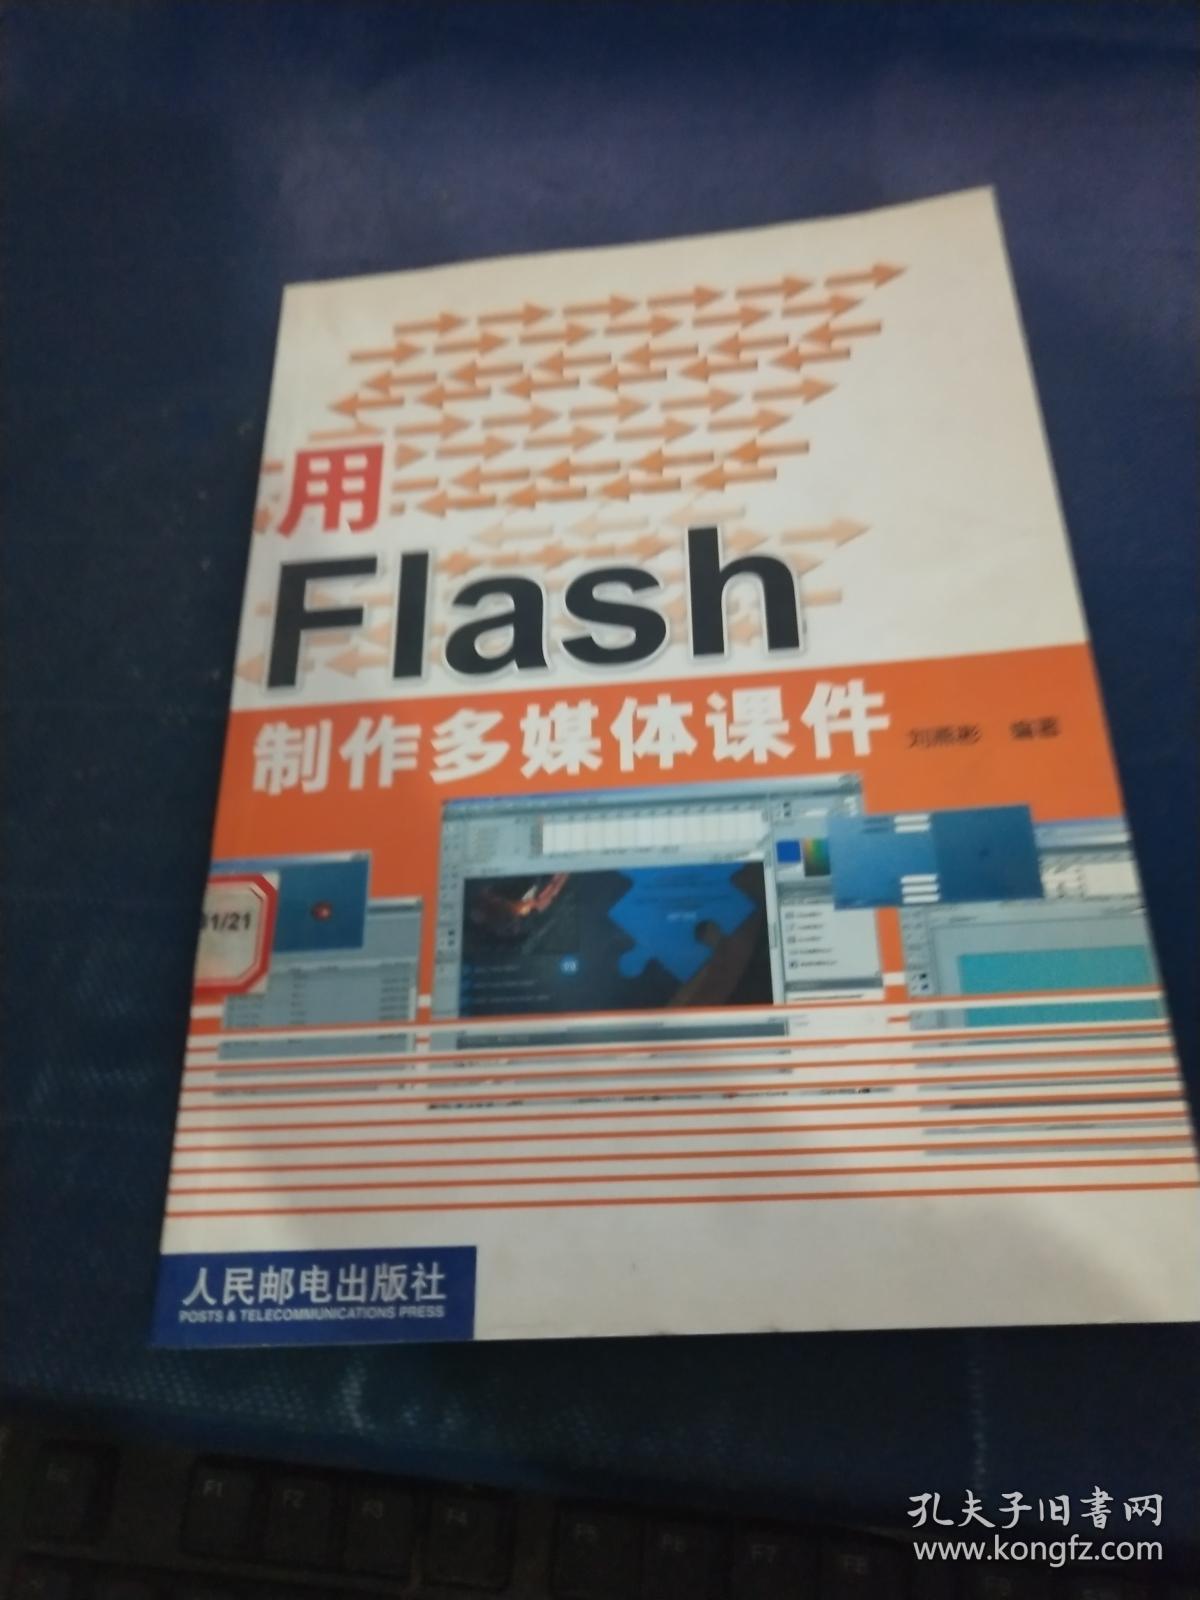 用Flashv课件多媒体课件悯农备课及过程图片